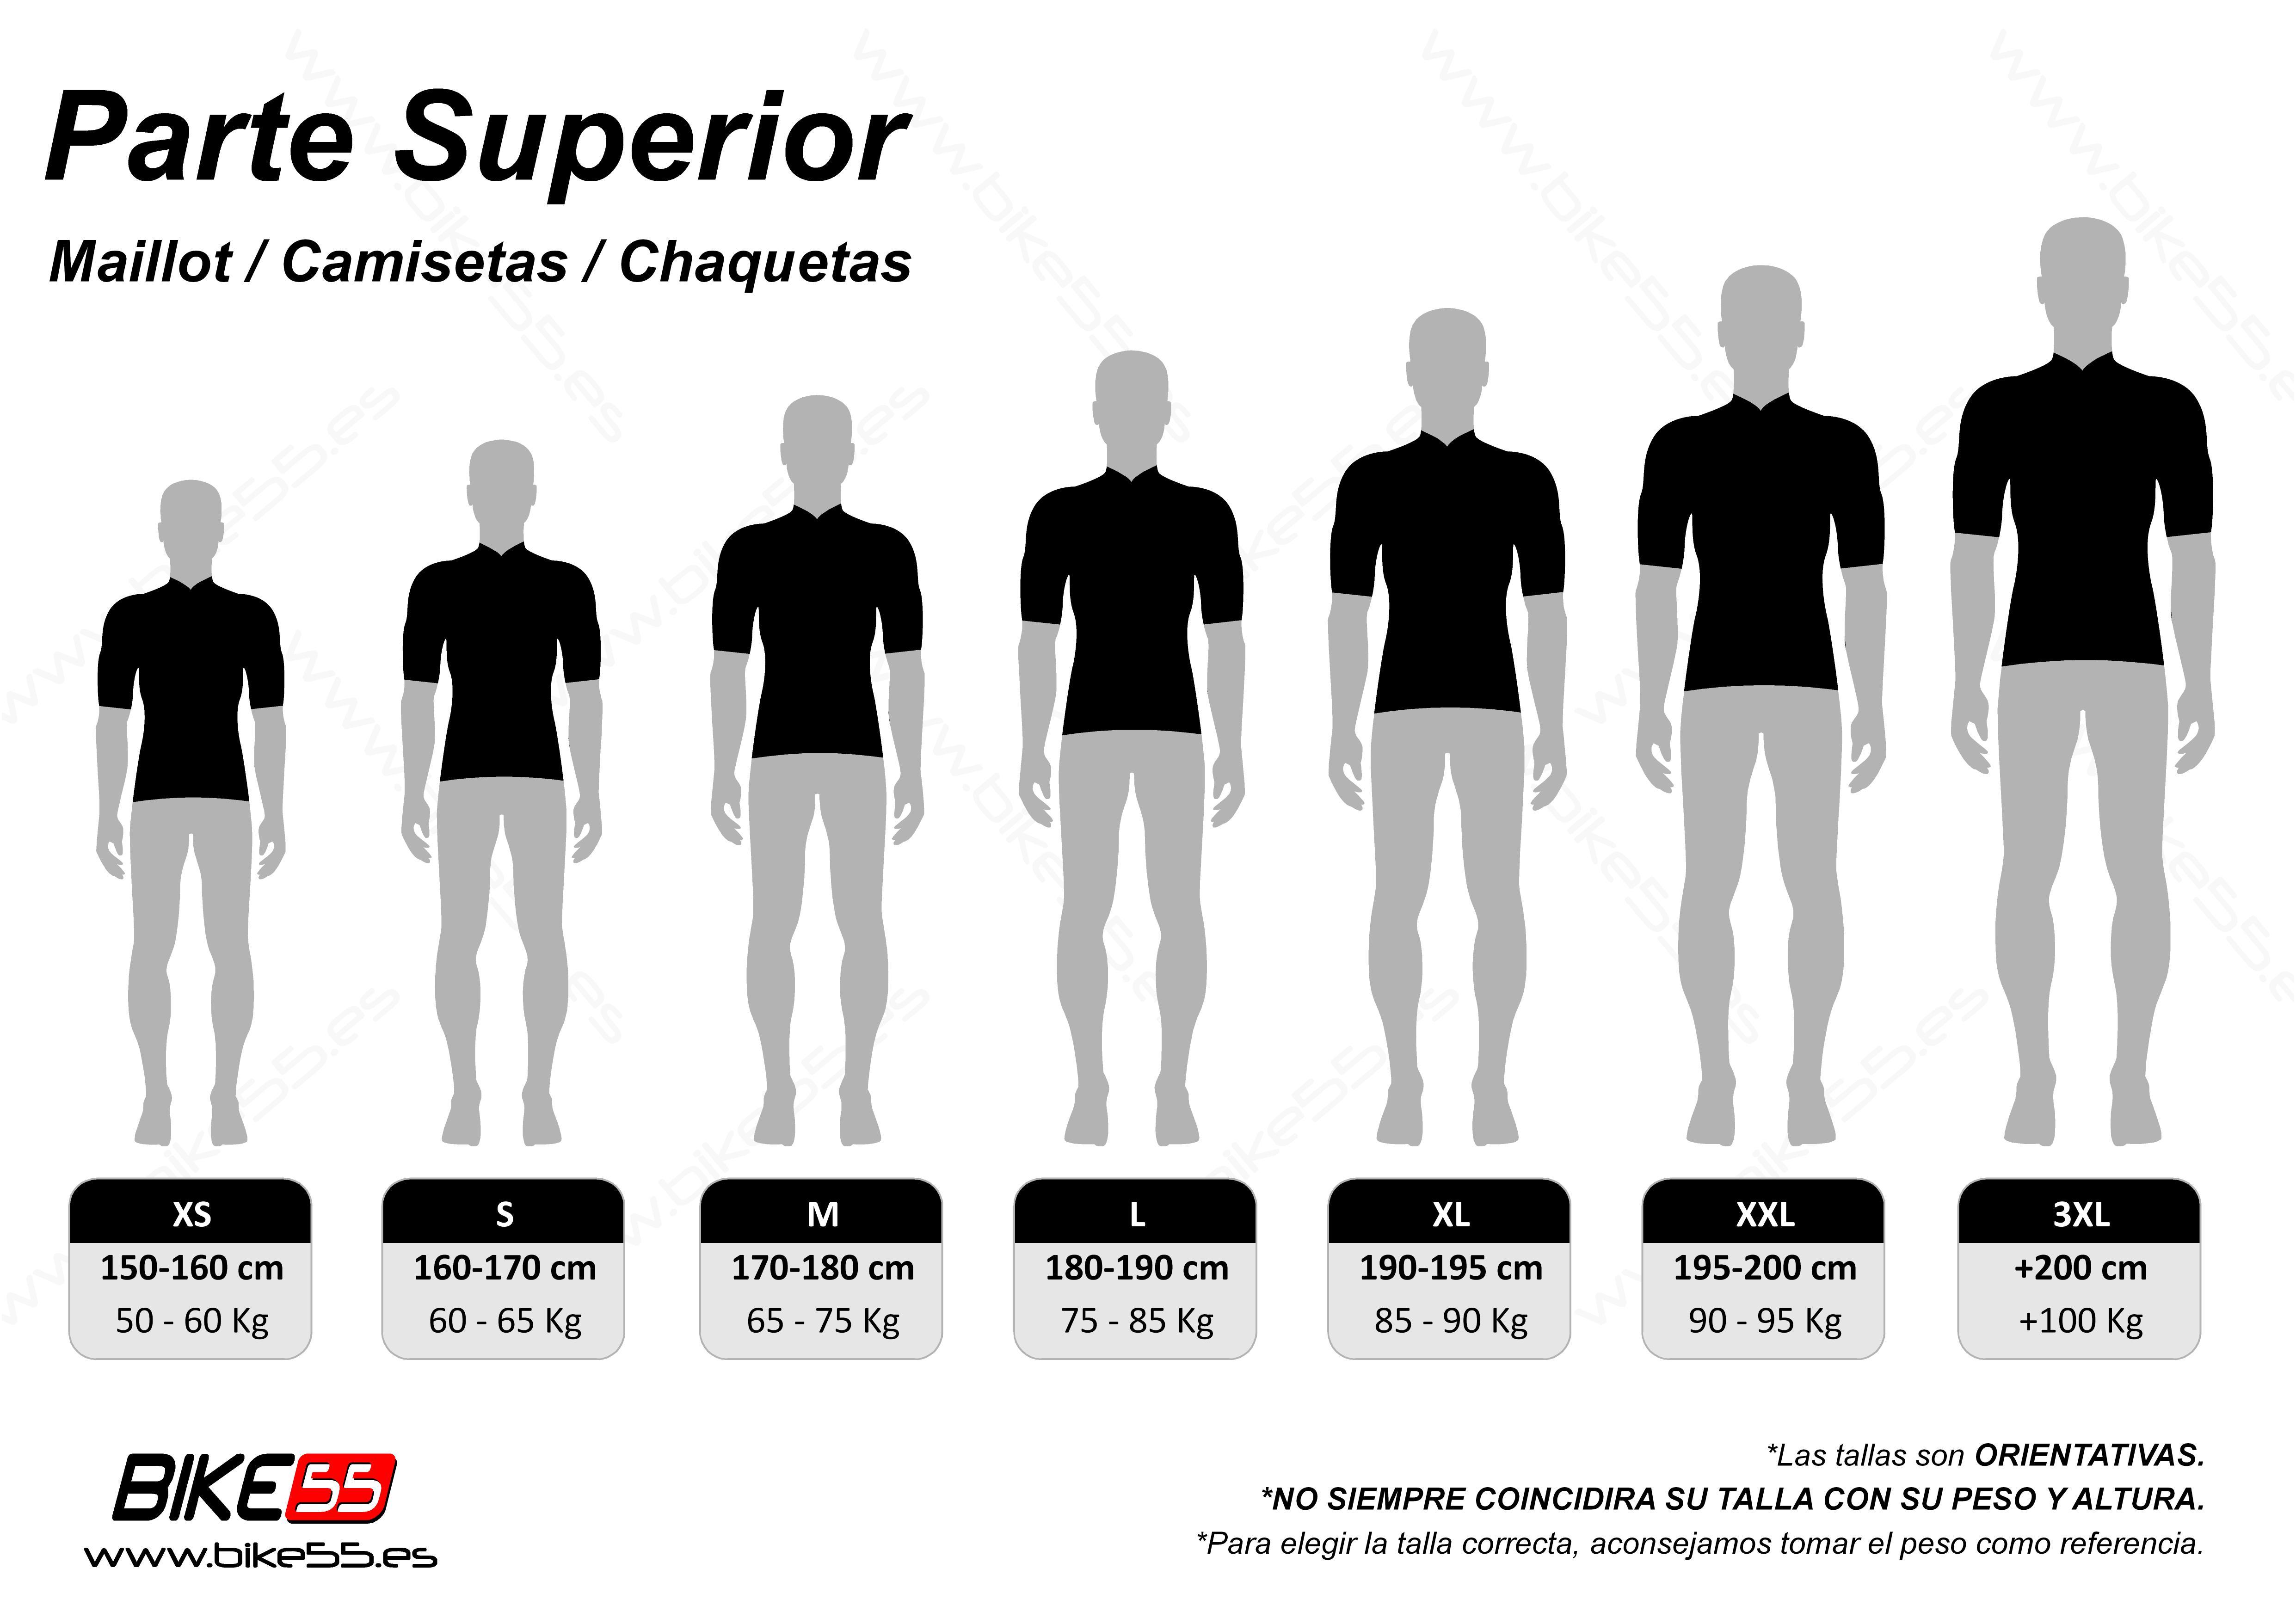 Guía de tallas de maillots hombre